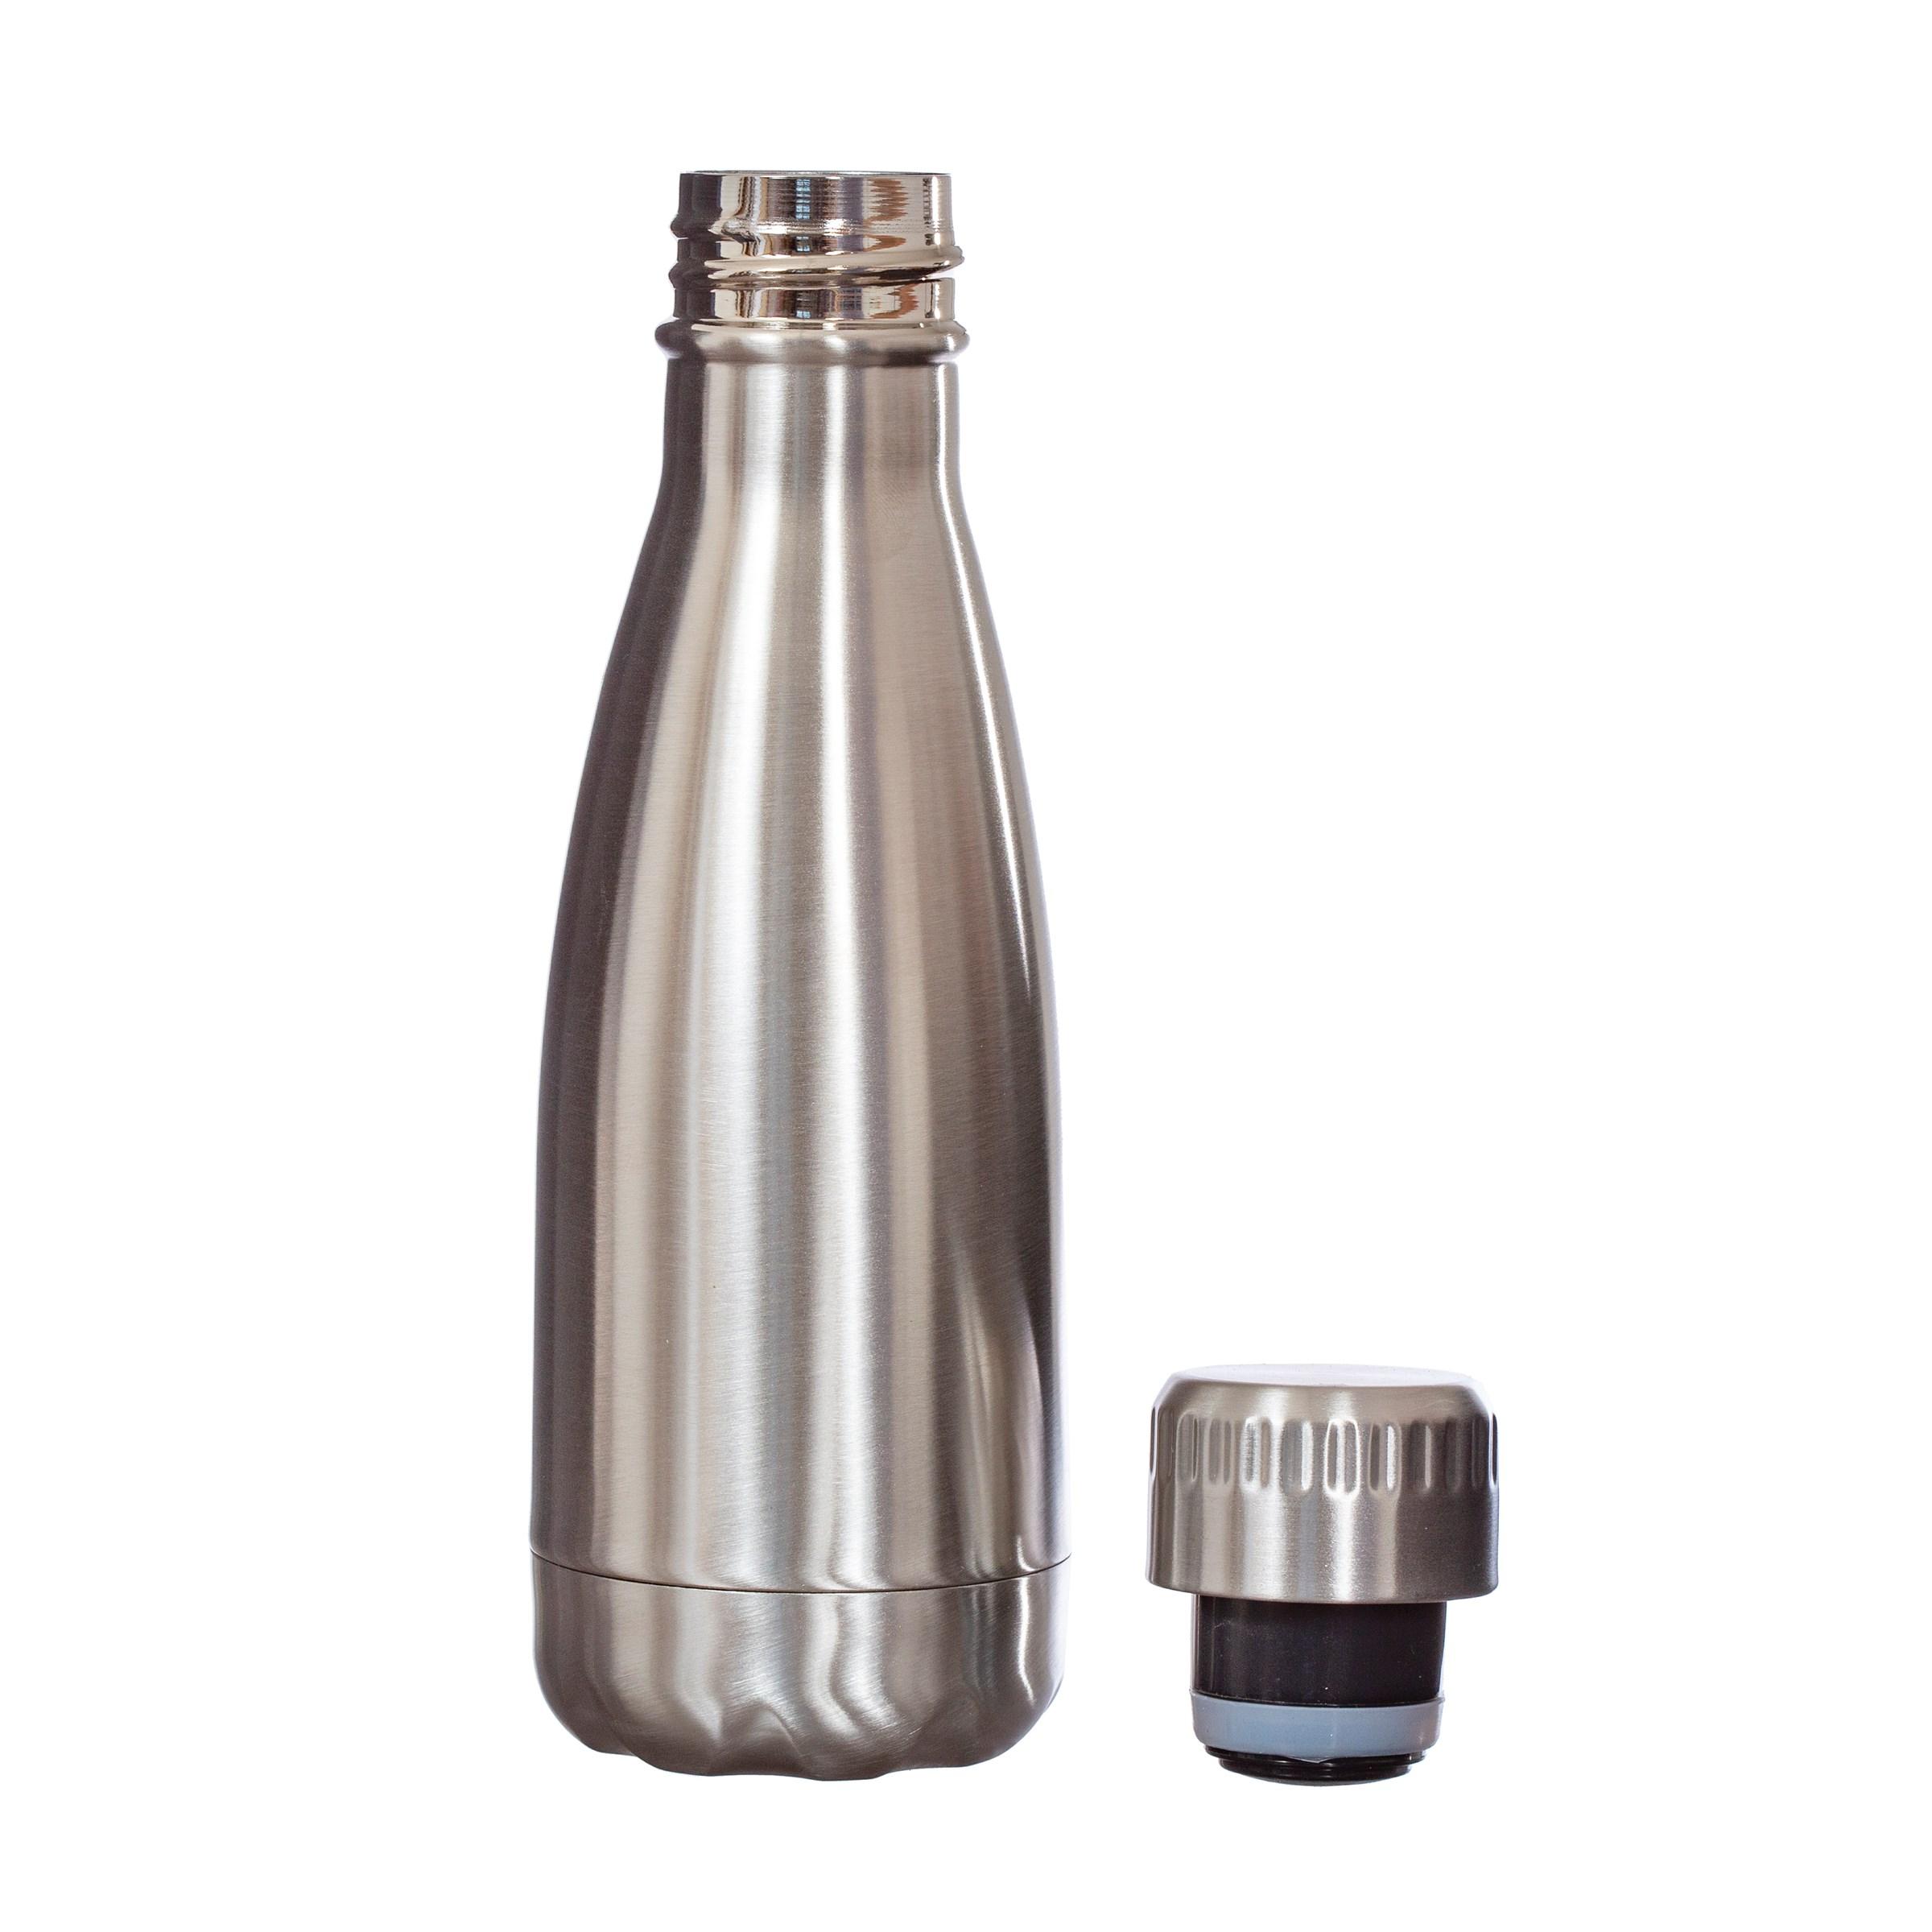 Stainless Steel Flaske Liten